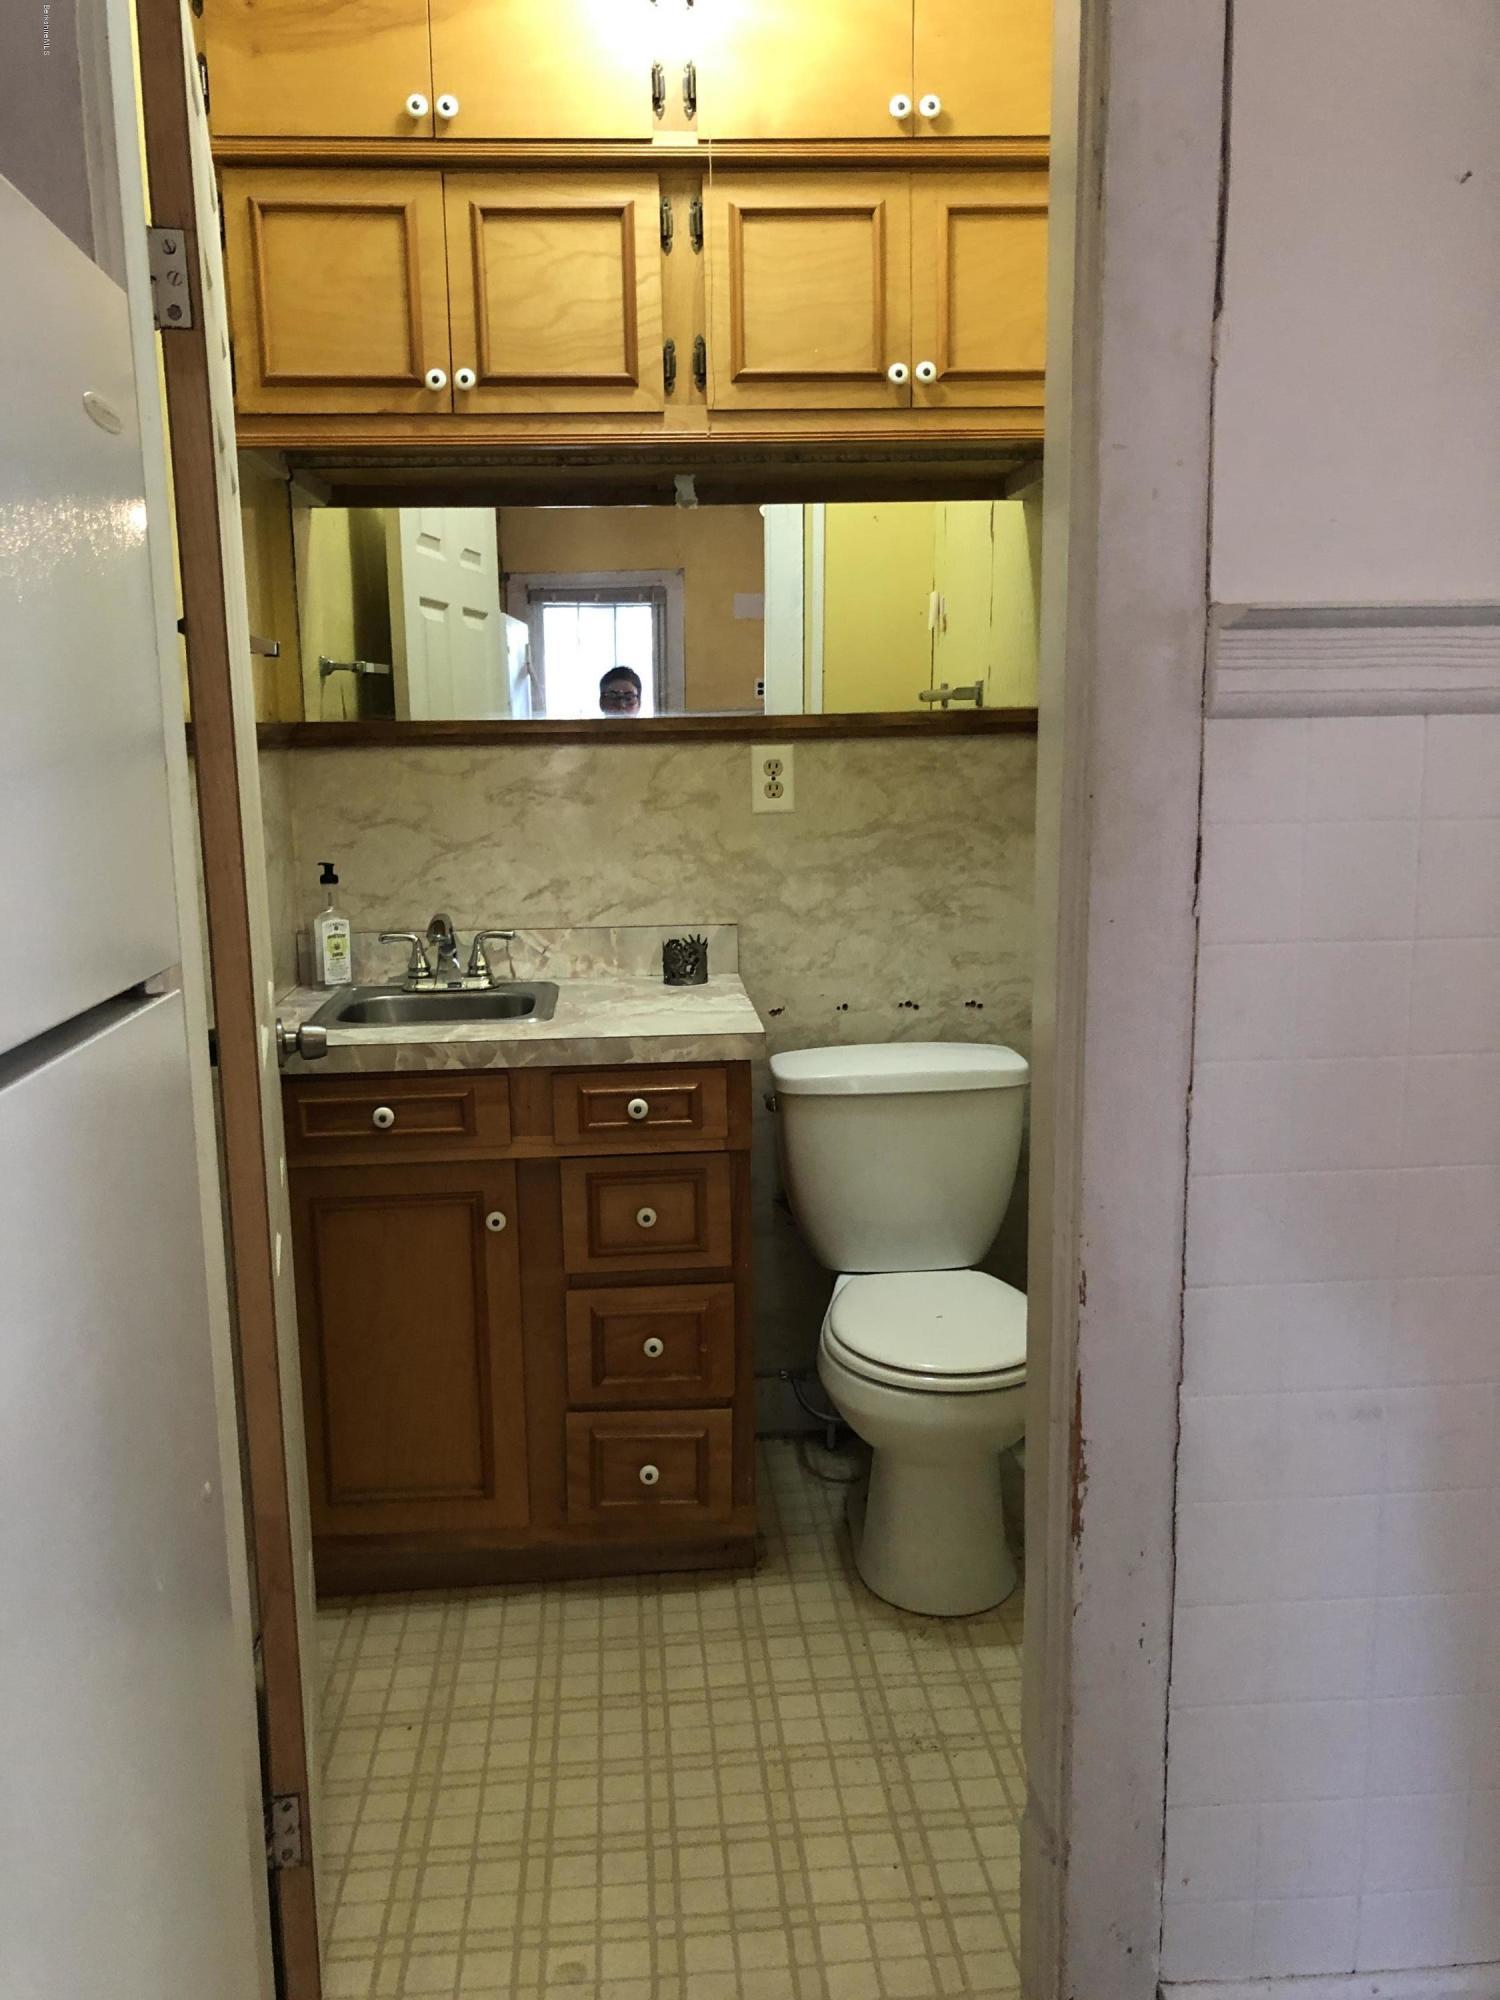 Downstairs Bathroom Unit 1